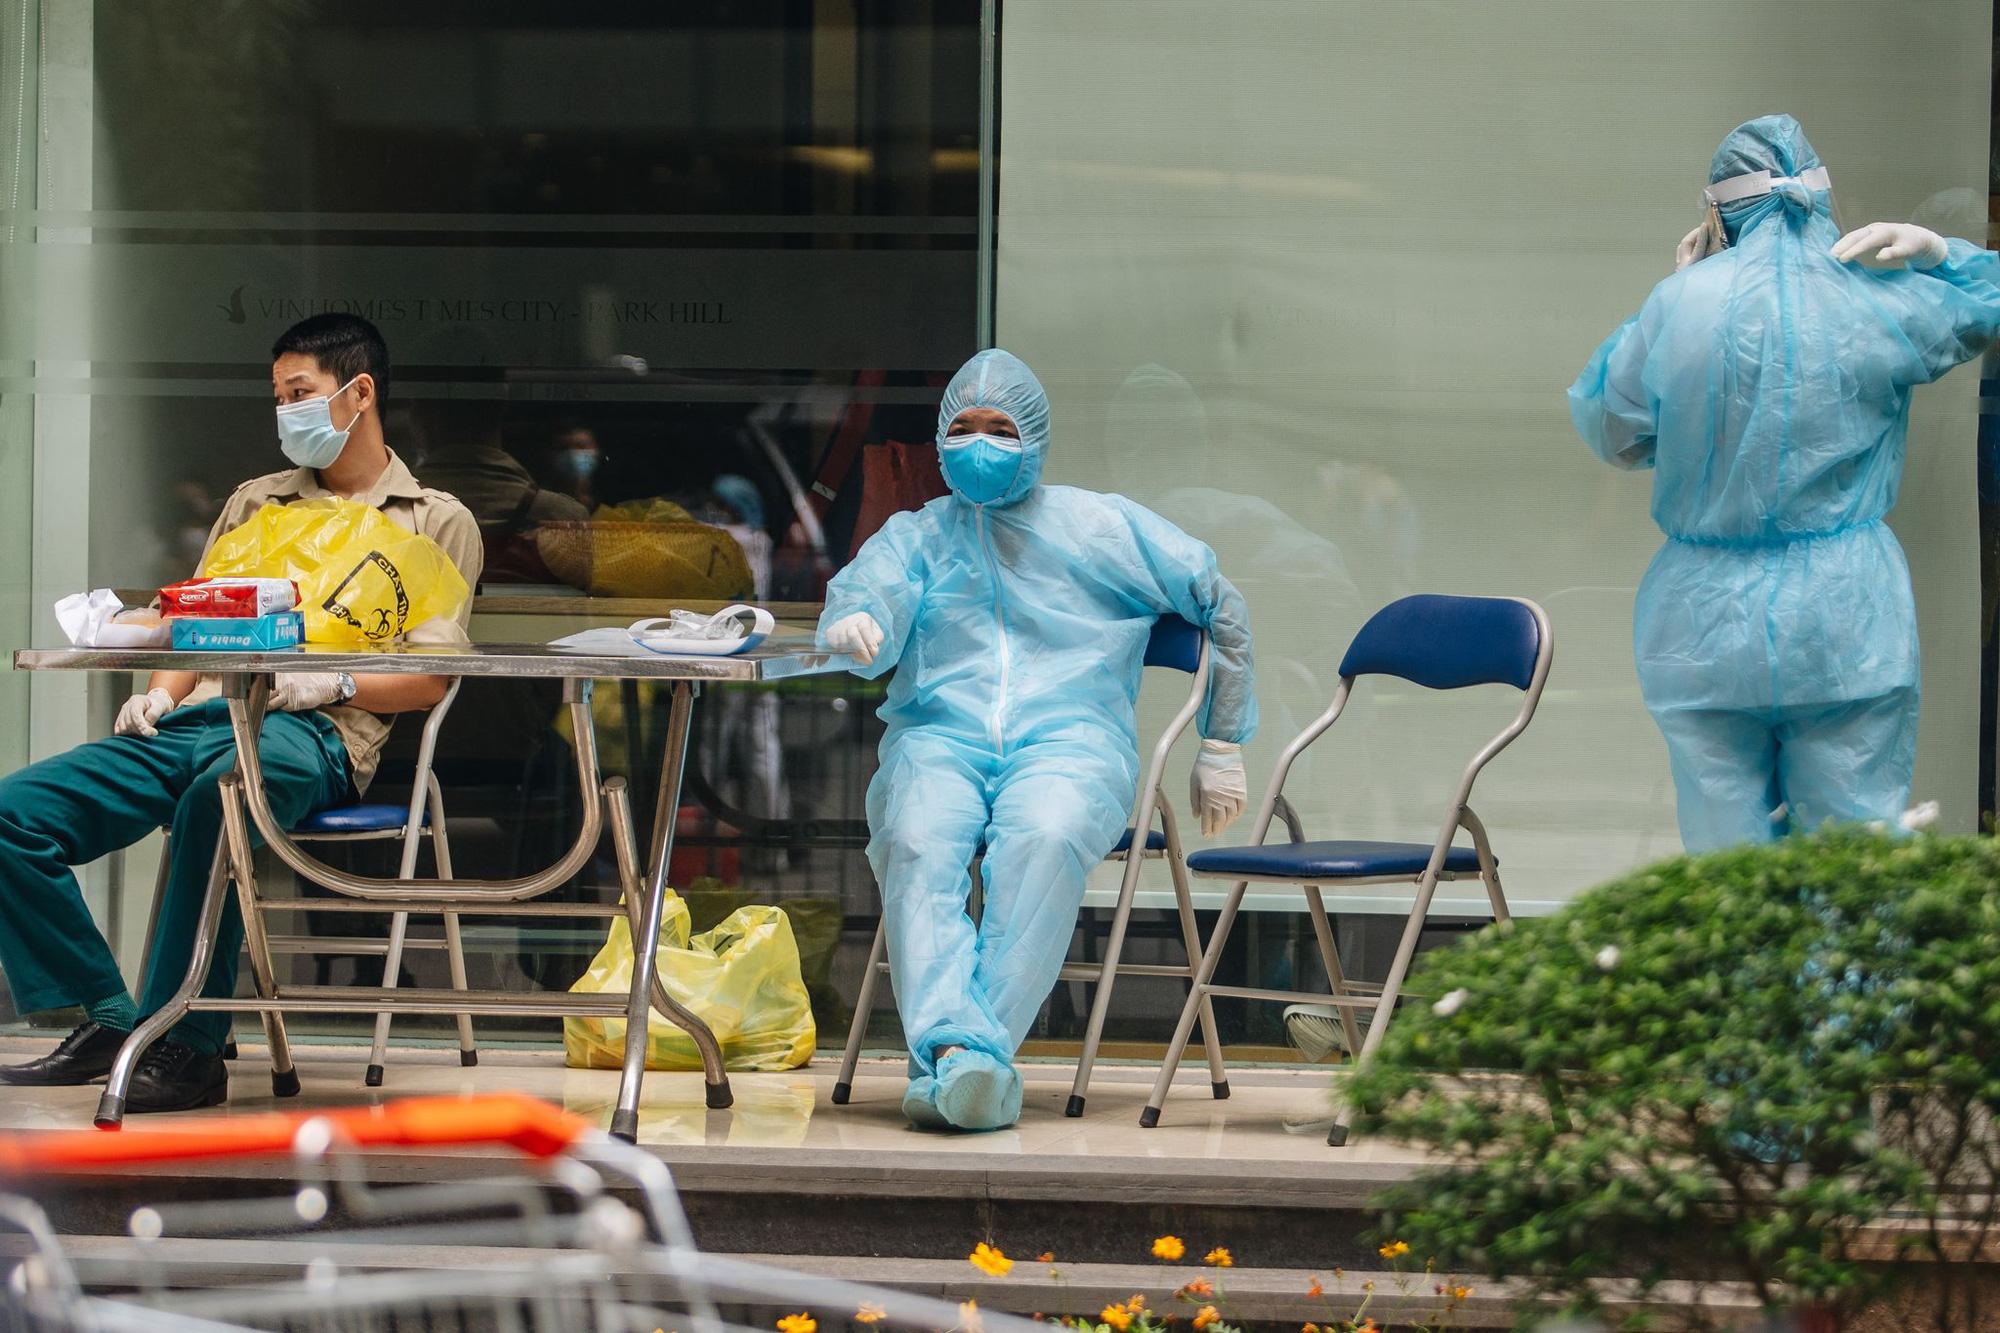 Phong tỏa, tiếp tế đồ ăn chung cư ở Times City có chuyên gia Ấn Độ dương tính với SARS-CoV-2 - Ảnh 4.